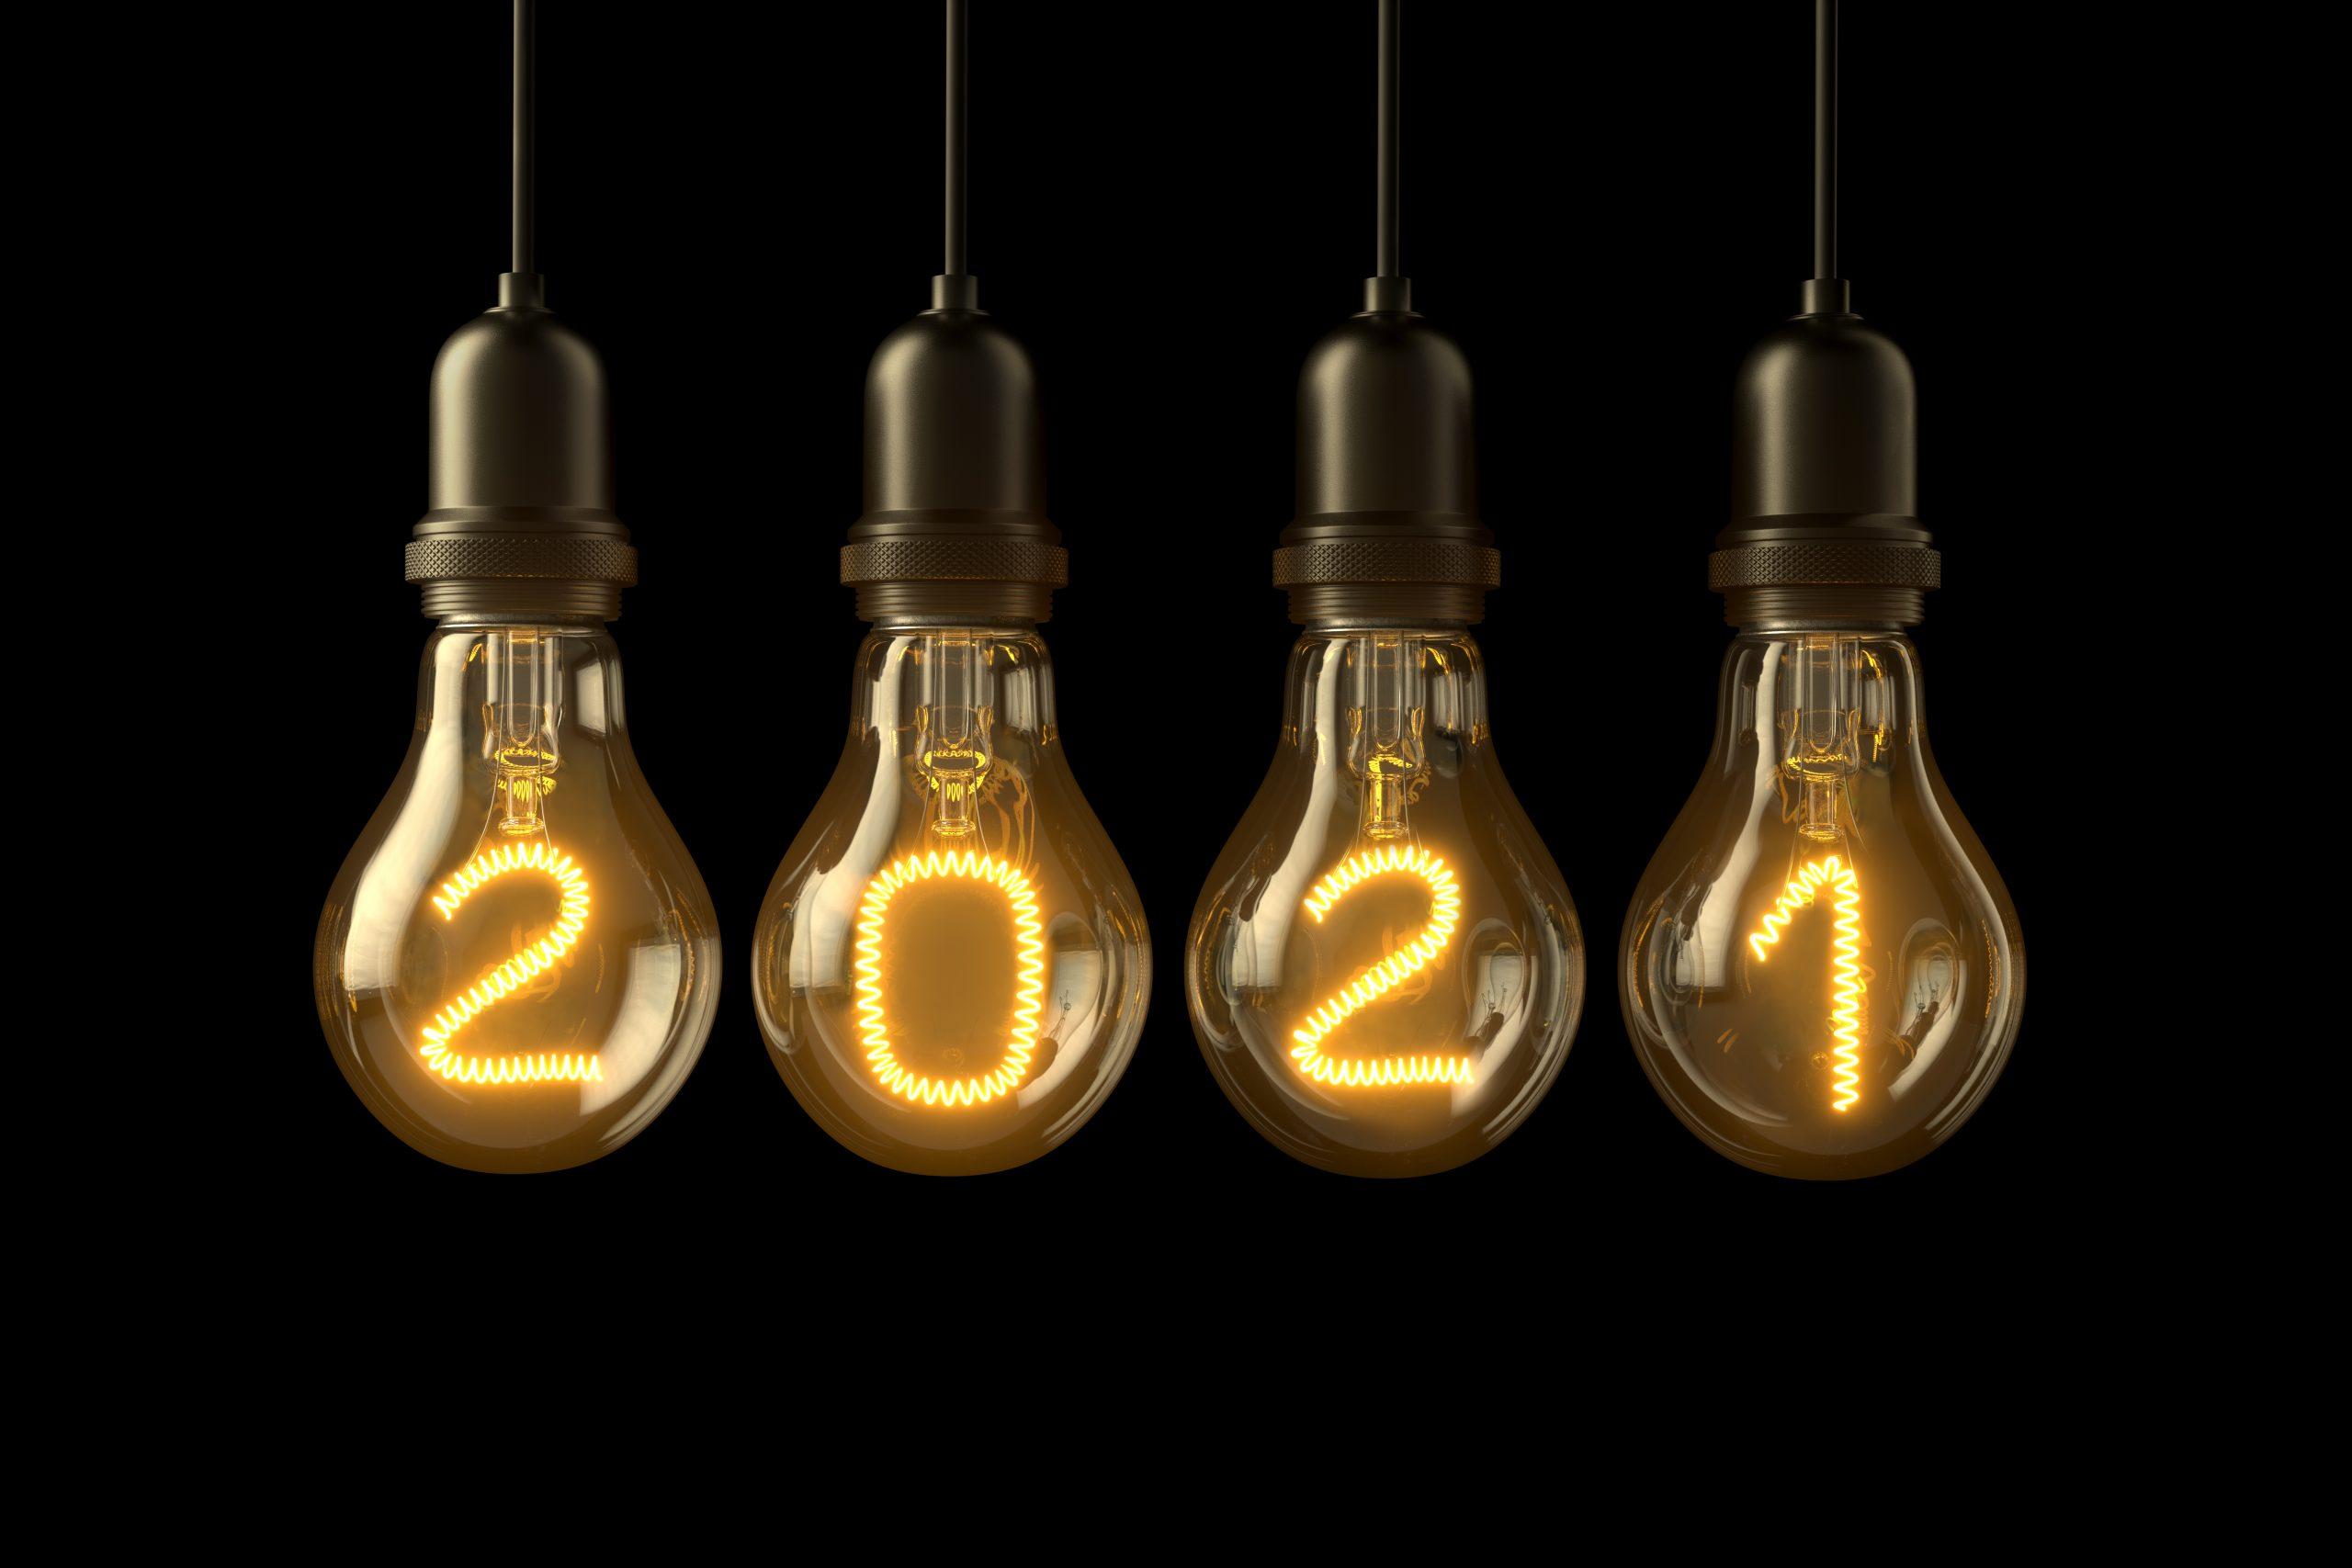 Terminou 2020. Qual é a energia que precisamos para 2021?